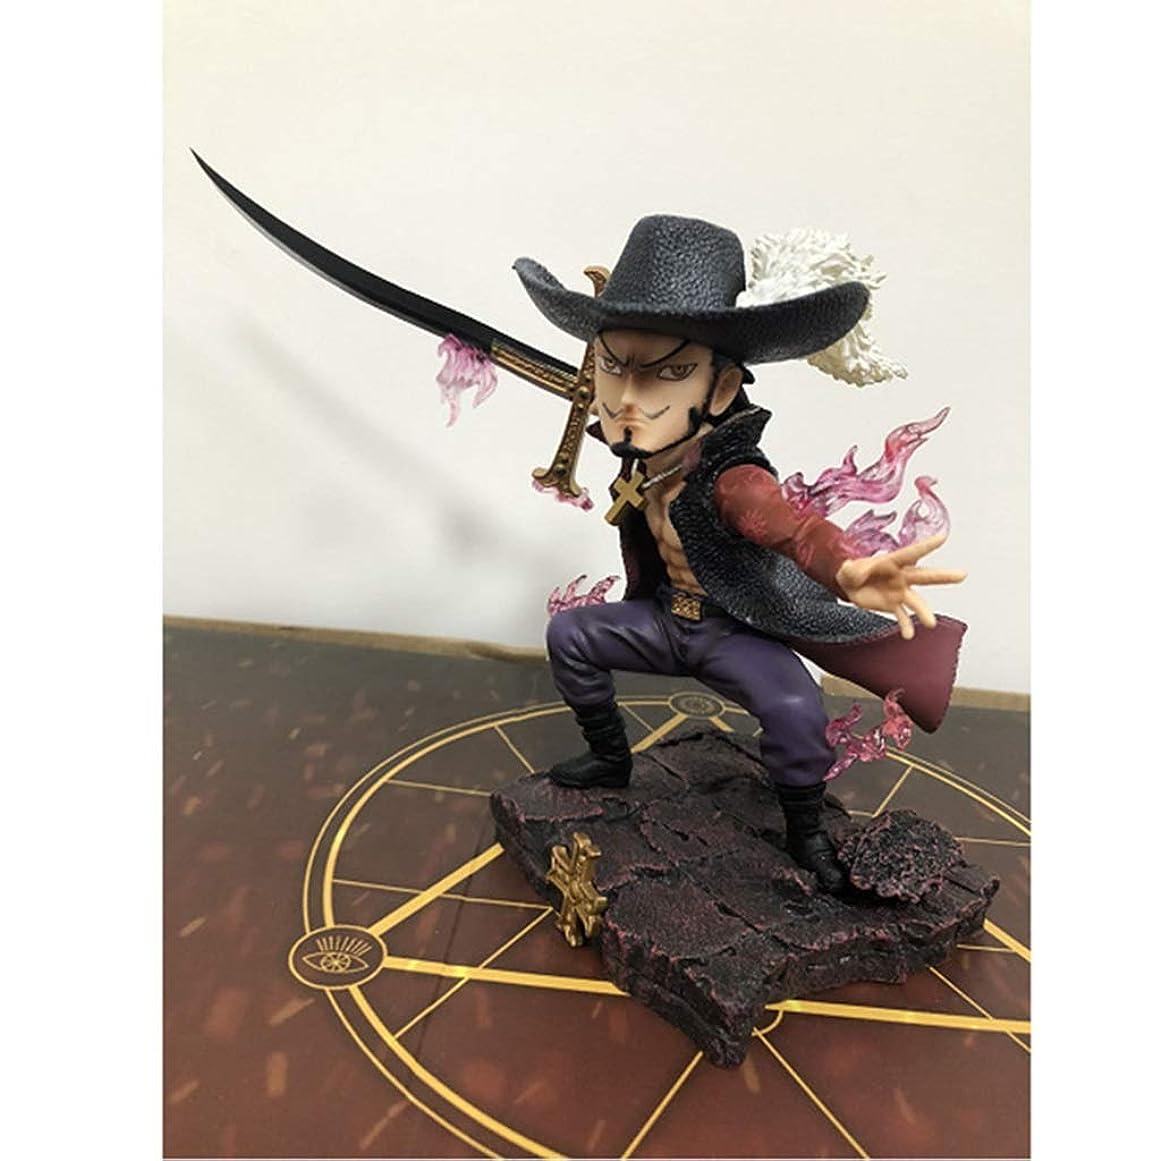 学士倉庫差し引くアニメワンピースモデル、GKホークアイ、子供用おもちゃコレクション像、卓上装飾玩具像玩具モデルPVC(17cm) SHWSM